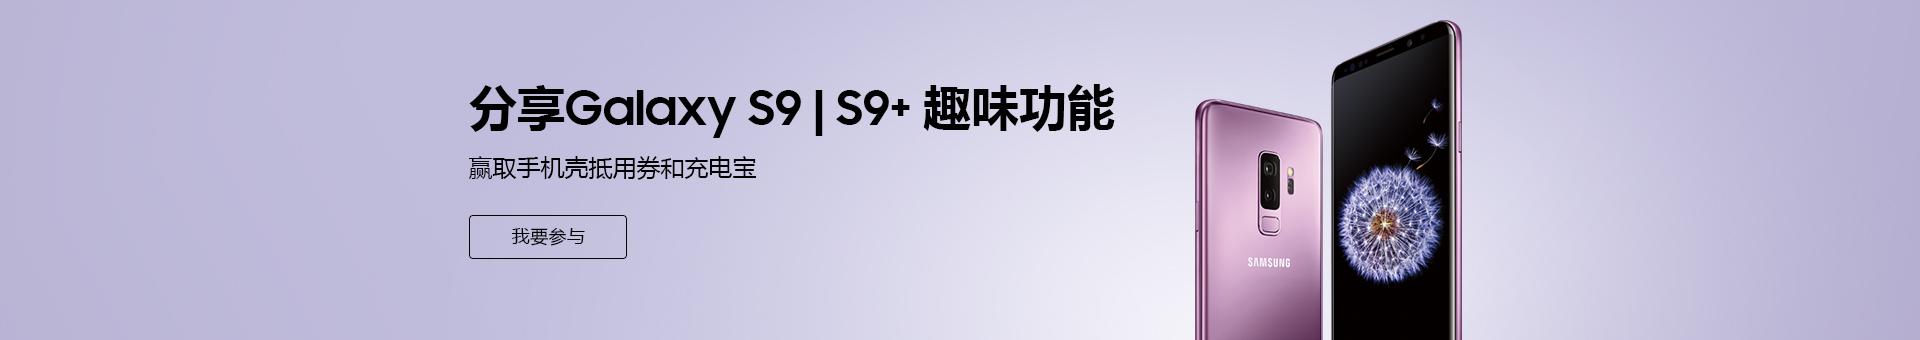 分享Galaxy S9 | S9+ 趣味功能 赢取手机壳抵用券和充电宝